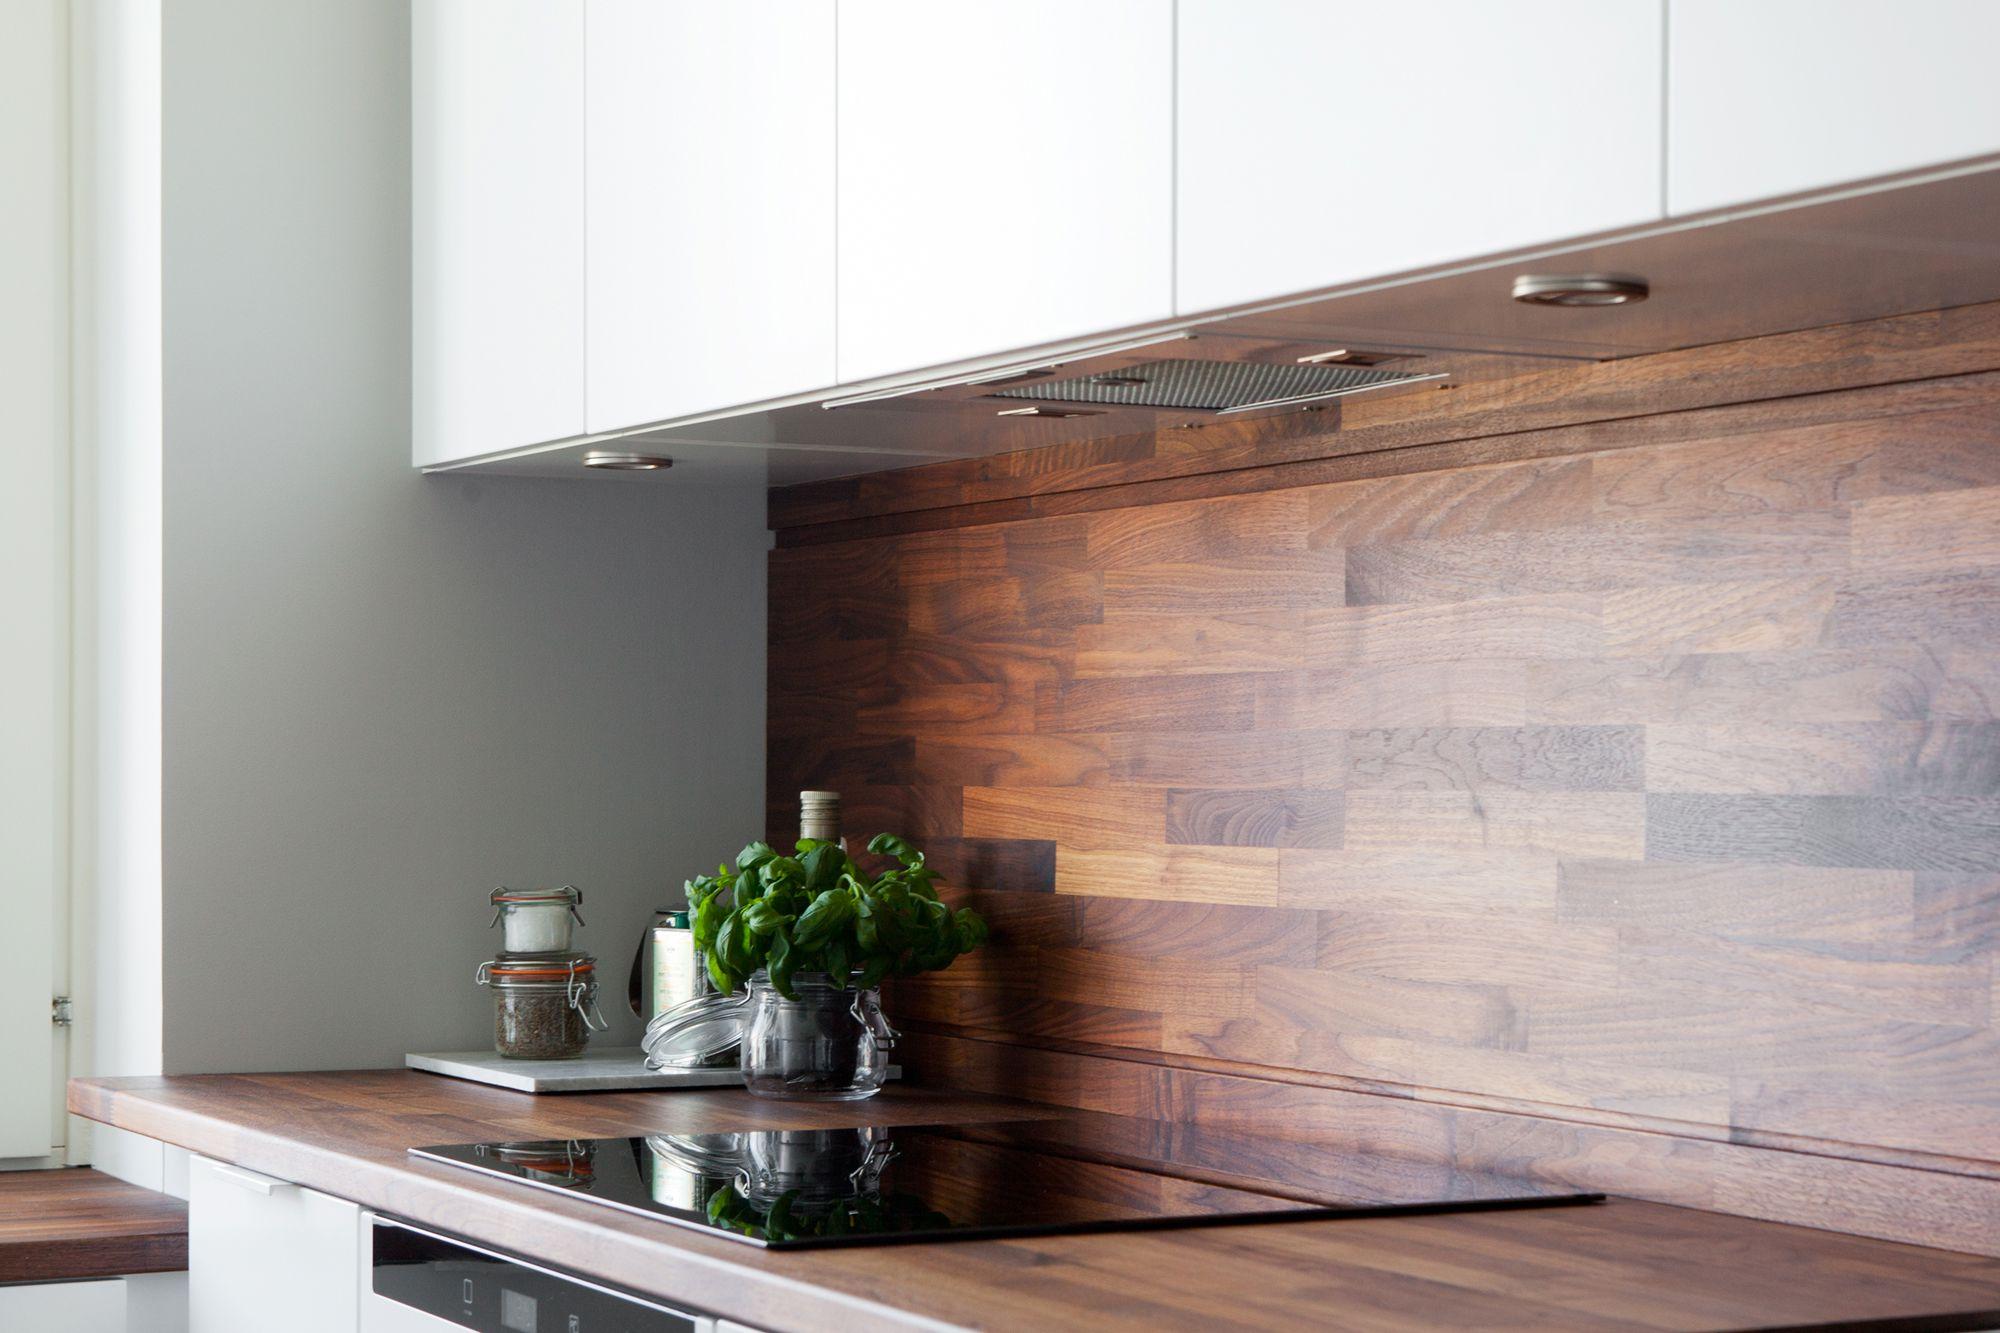 Cocina blanca con revestimiento de madera oscura blog for Revestimiento pared cocina